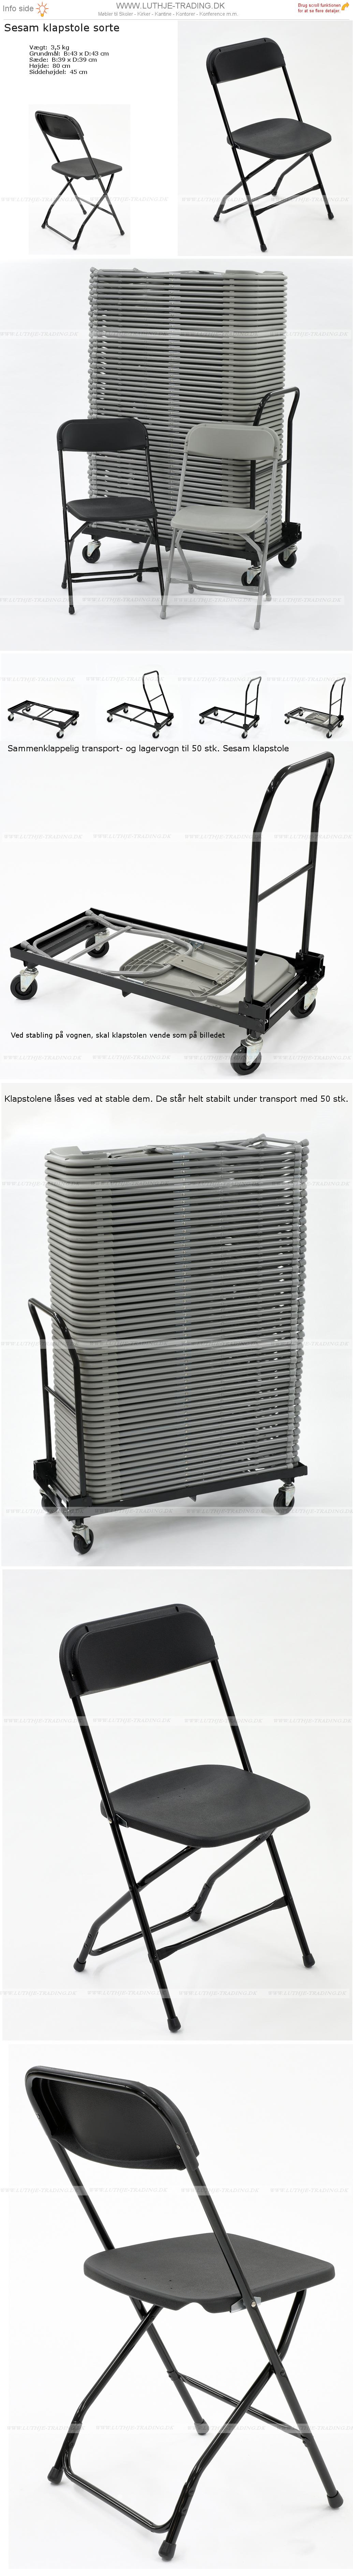 Sorte billige klapstole til den daglige skolebrug